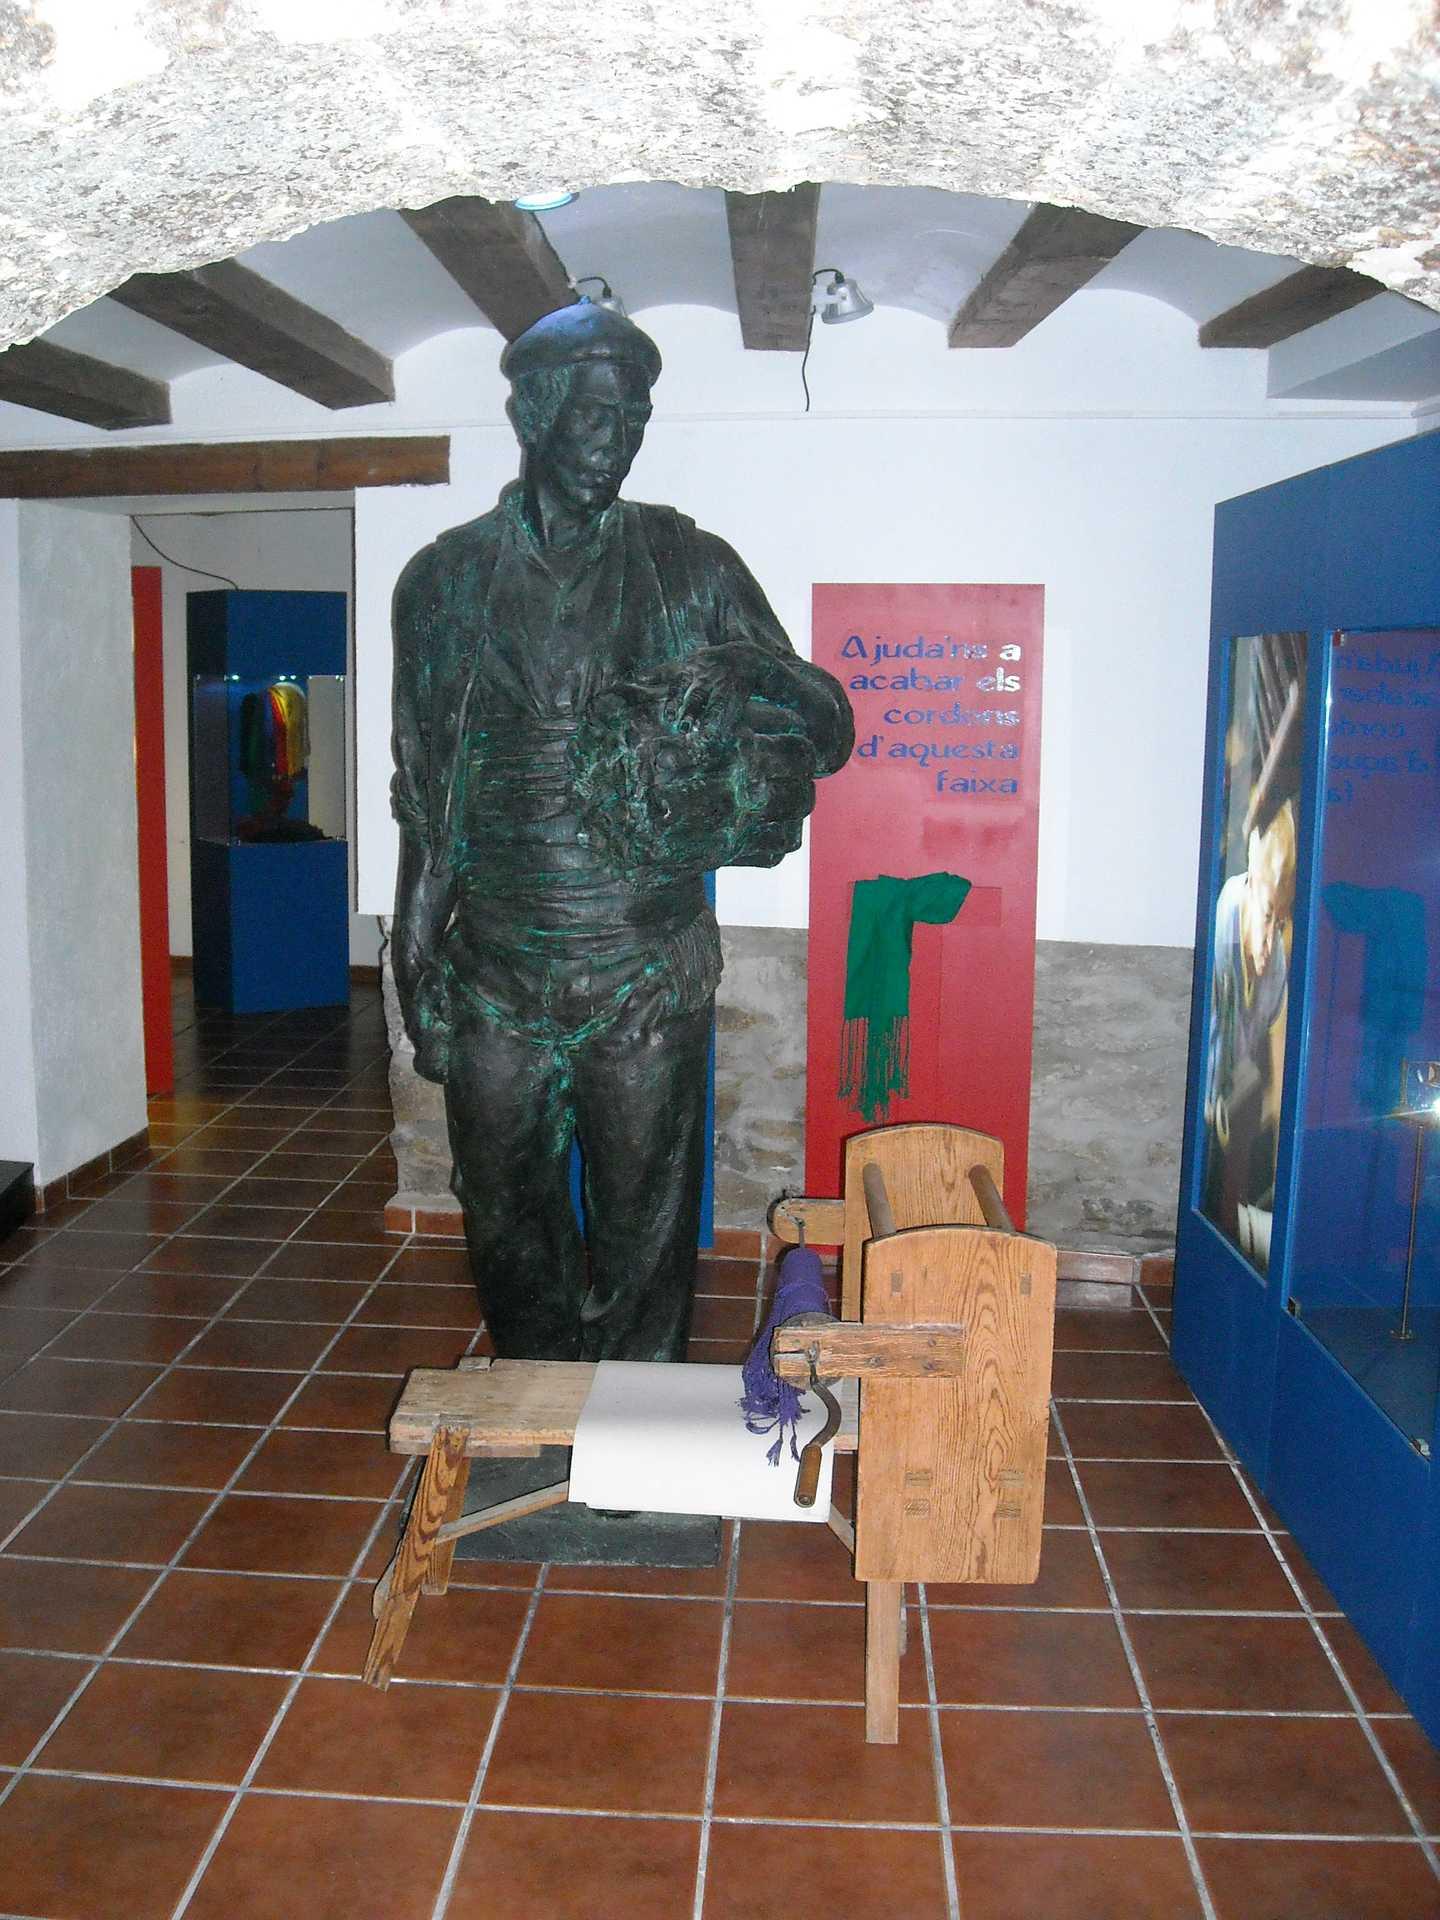 Museo de la Faixa